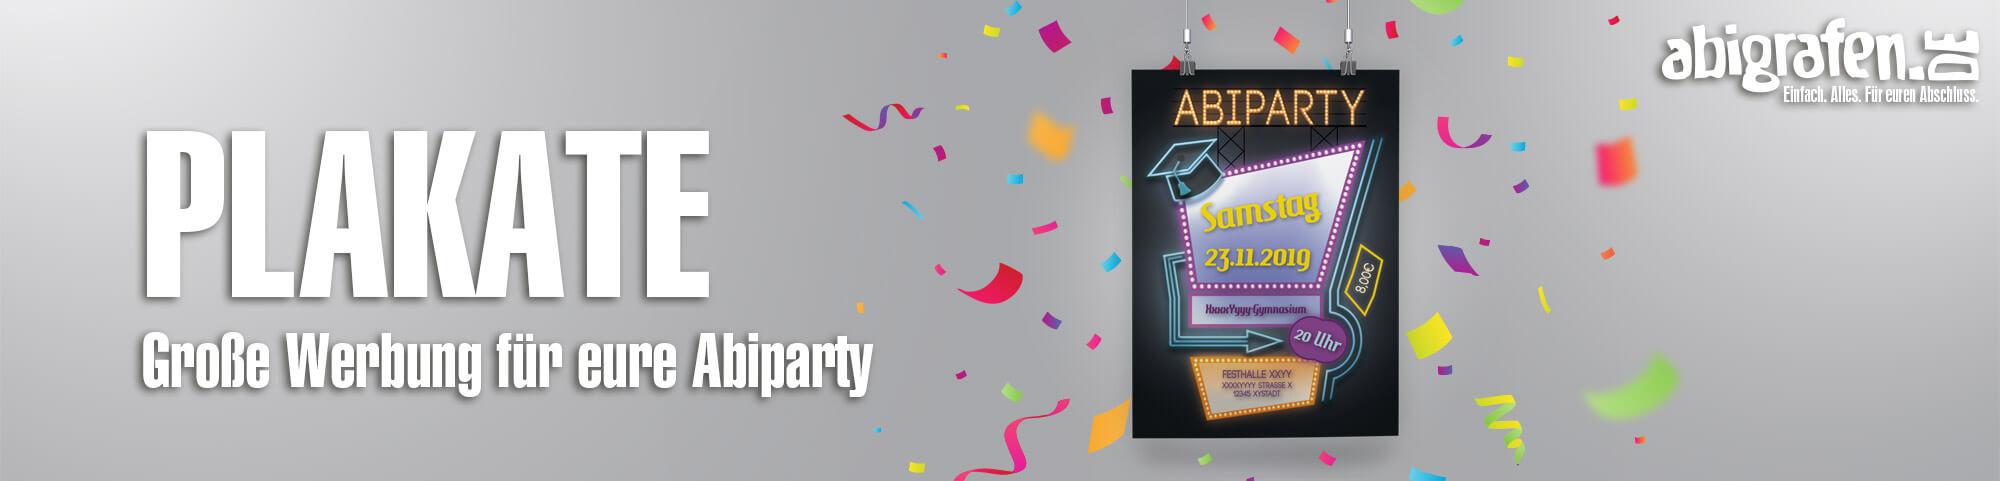 Produktinformationen, Designoptionen & Druck von Postern/Plakaten für Abiparty, Abifeier, Abschlussfete